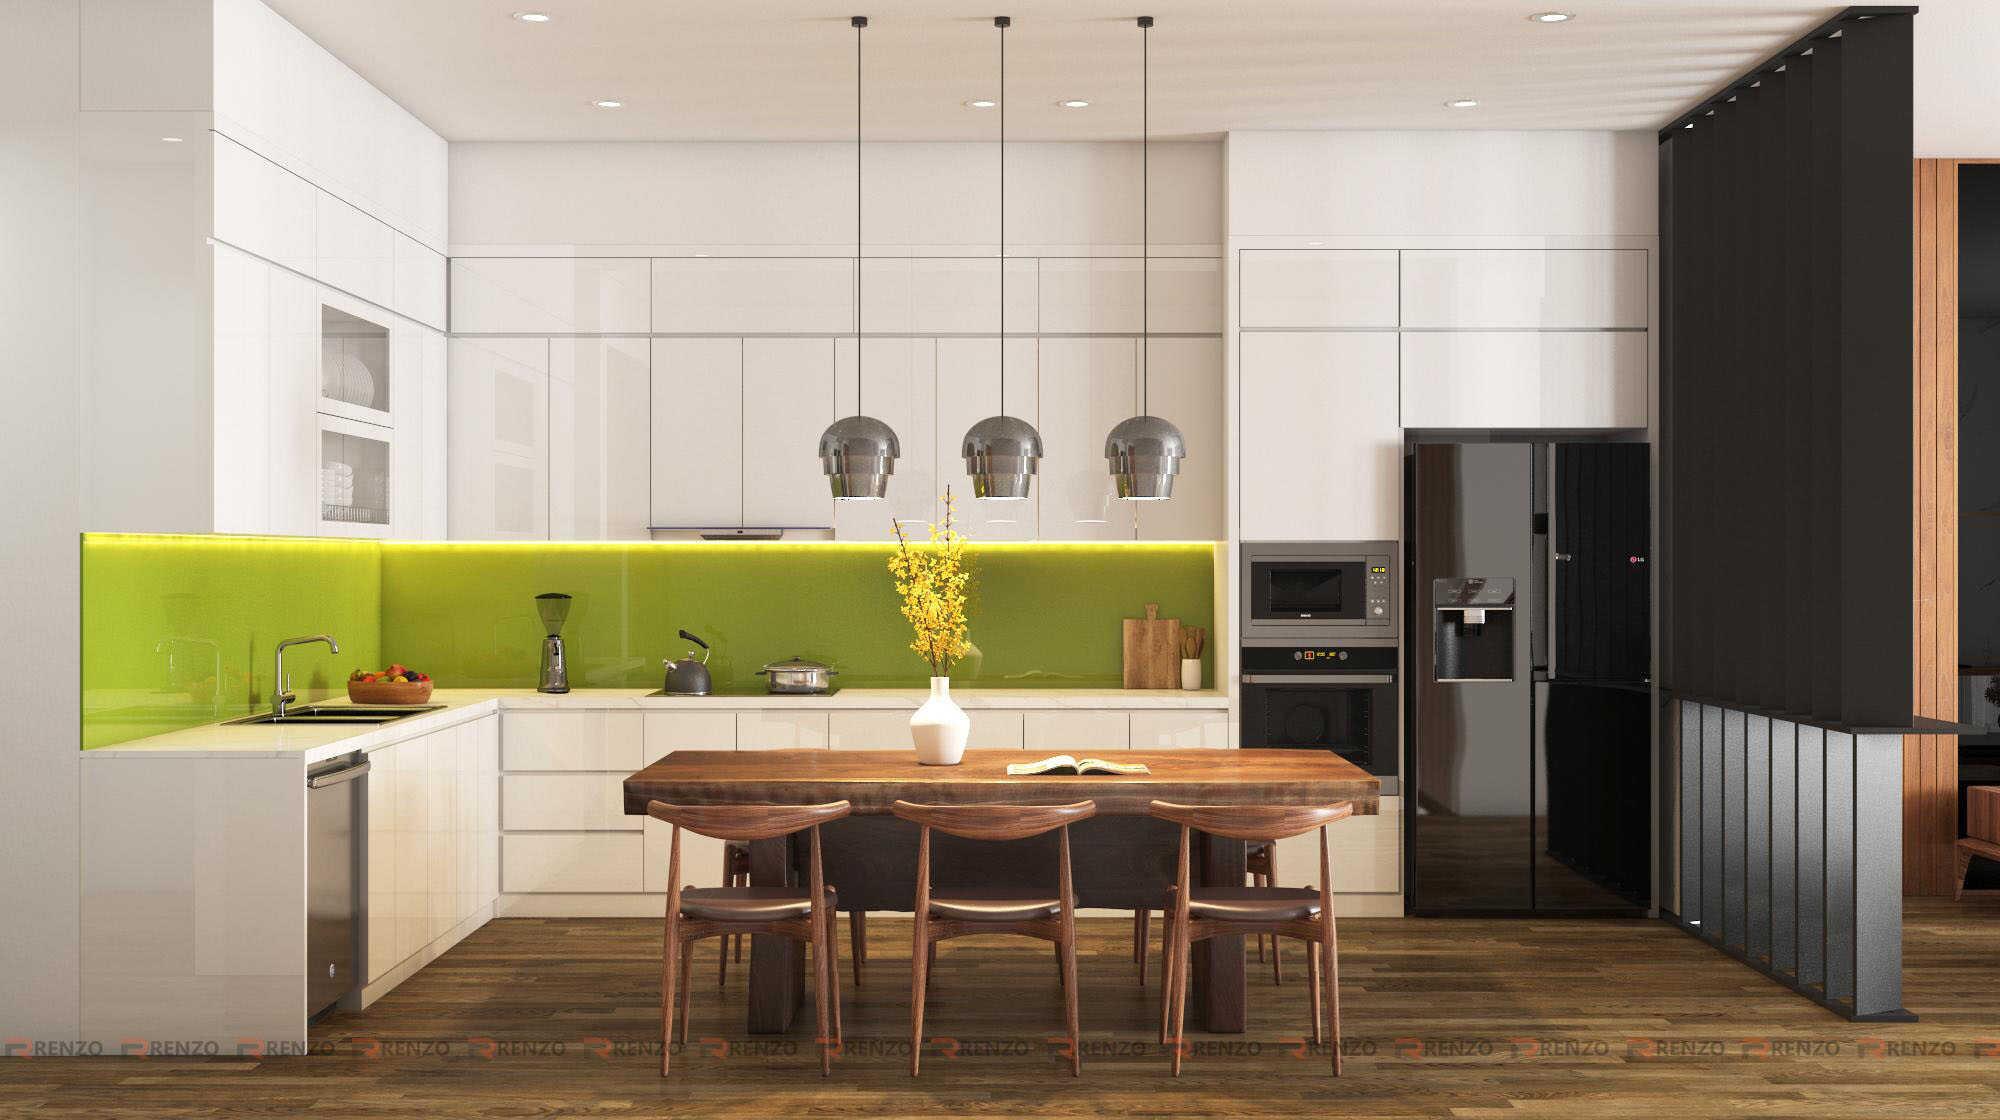 thiết kế nội thất phòng bếp ở Vĩnh phúc